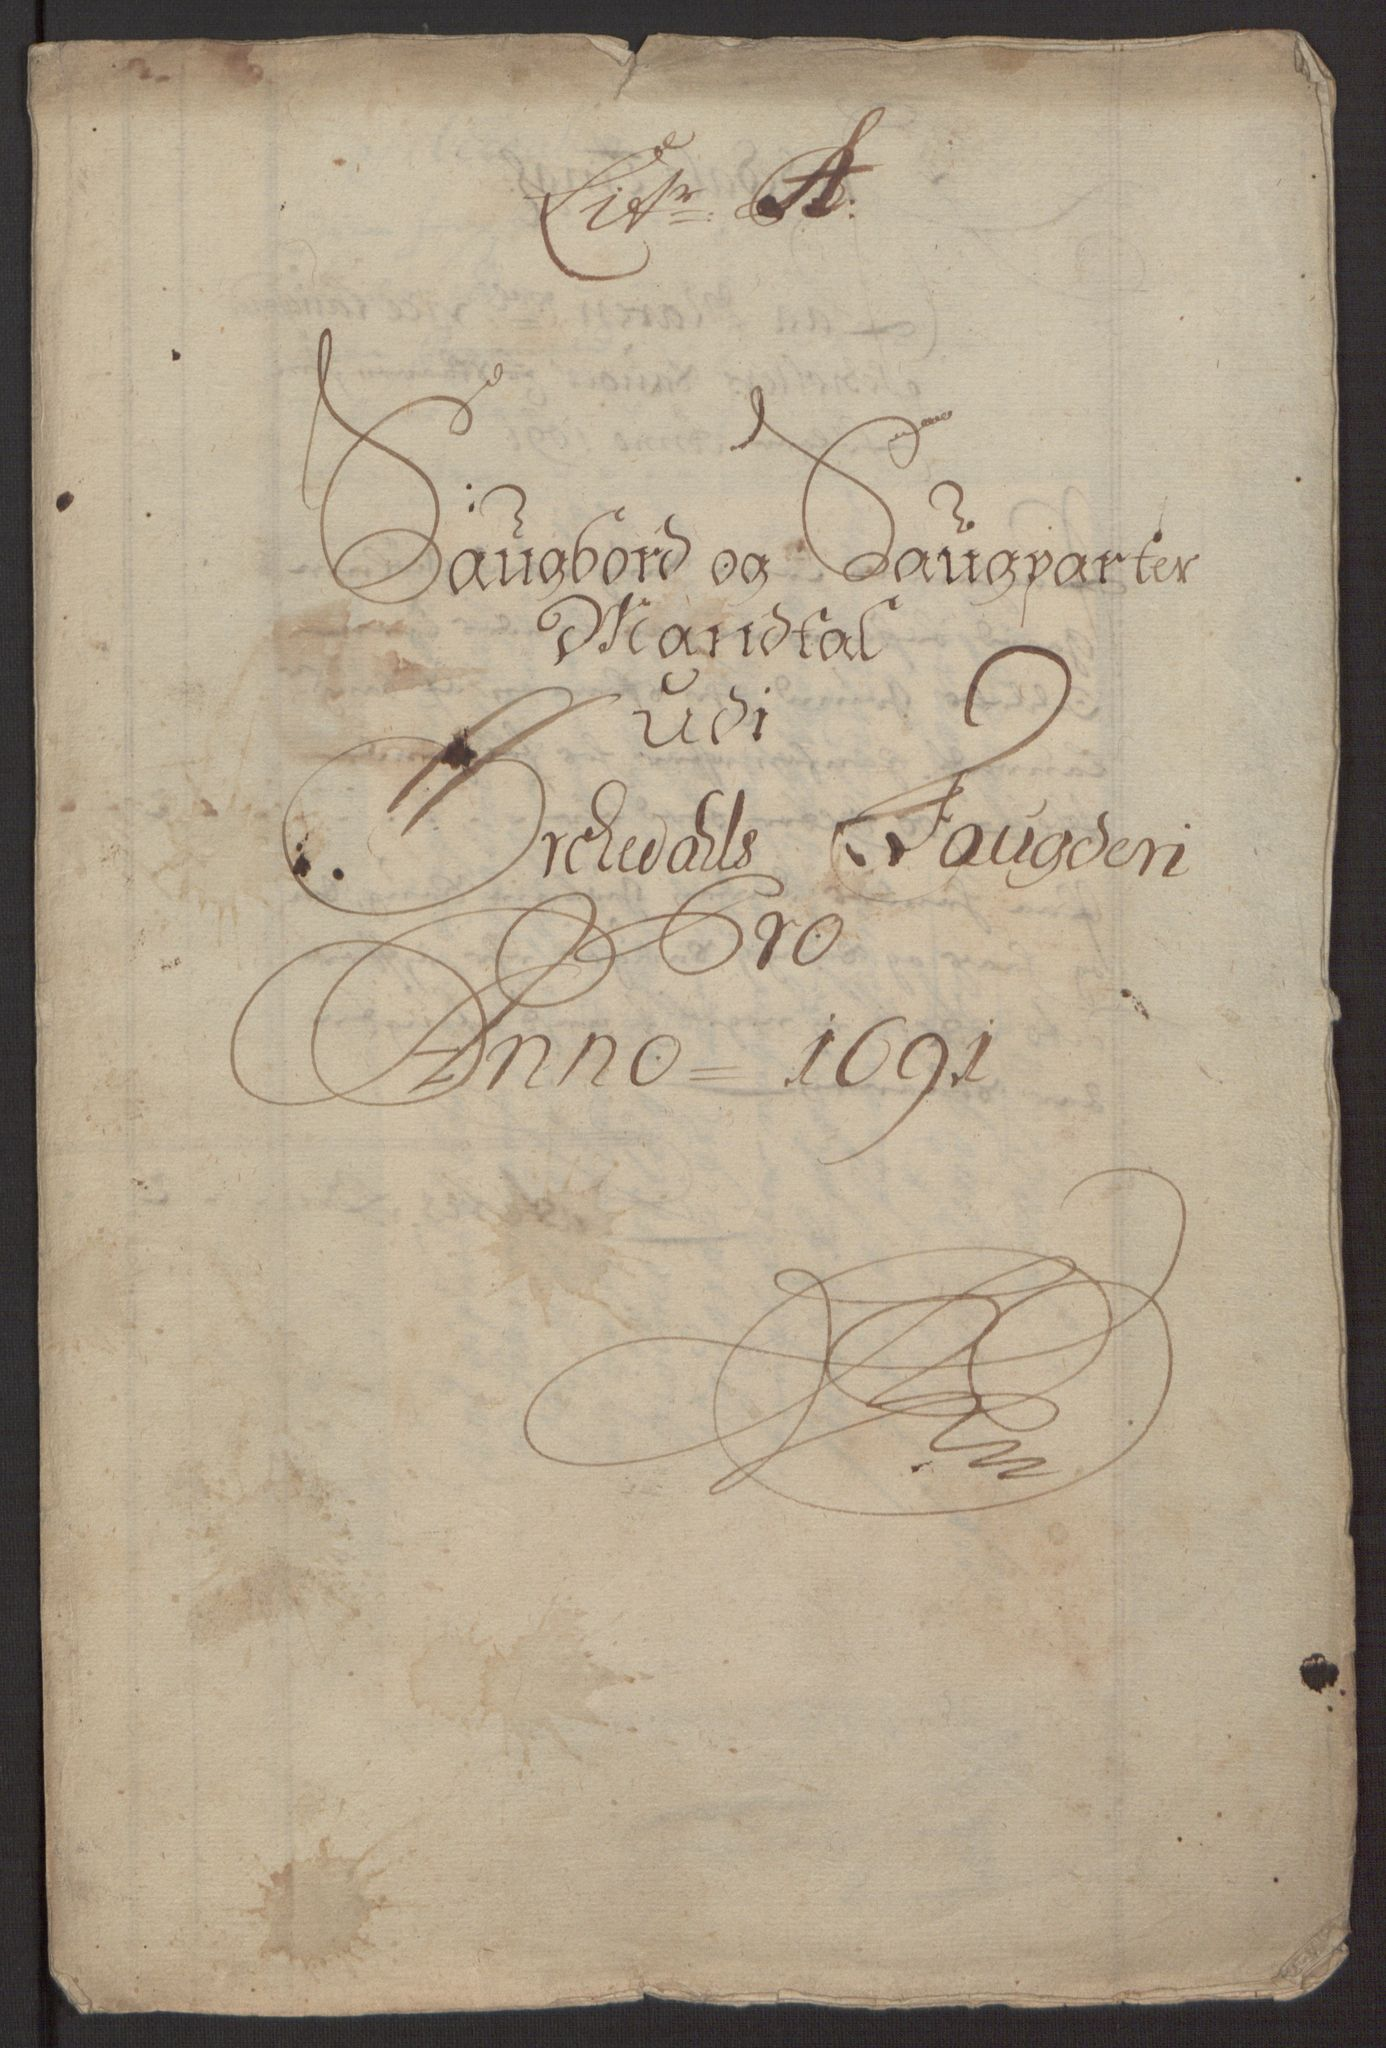 RA, Rentekammeret inntil 1814, Reviderte regnskaper, Fogderegnskap, R58/L3937: Fogderegnskap Orkdal, 1691-1692, s. 24